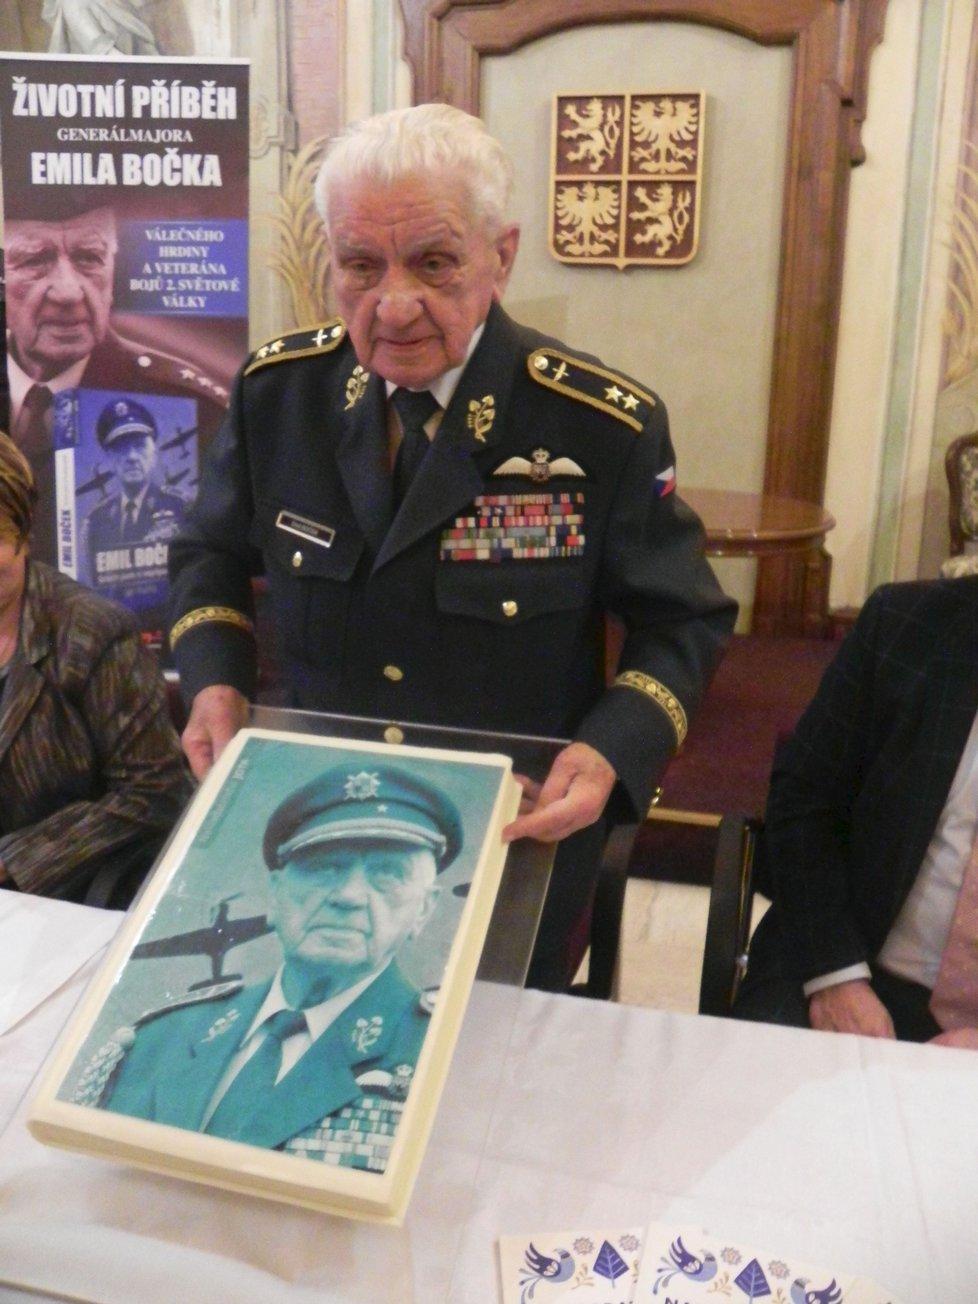 Emil Boček - Řád Bílého lva vojenské skupiny I. třídy